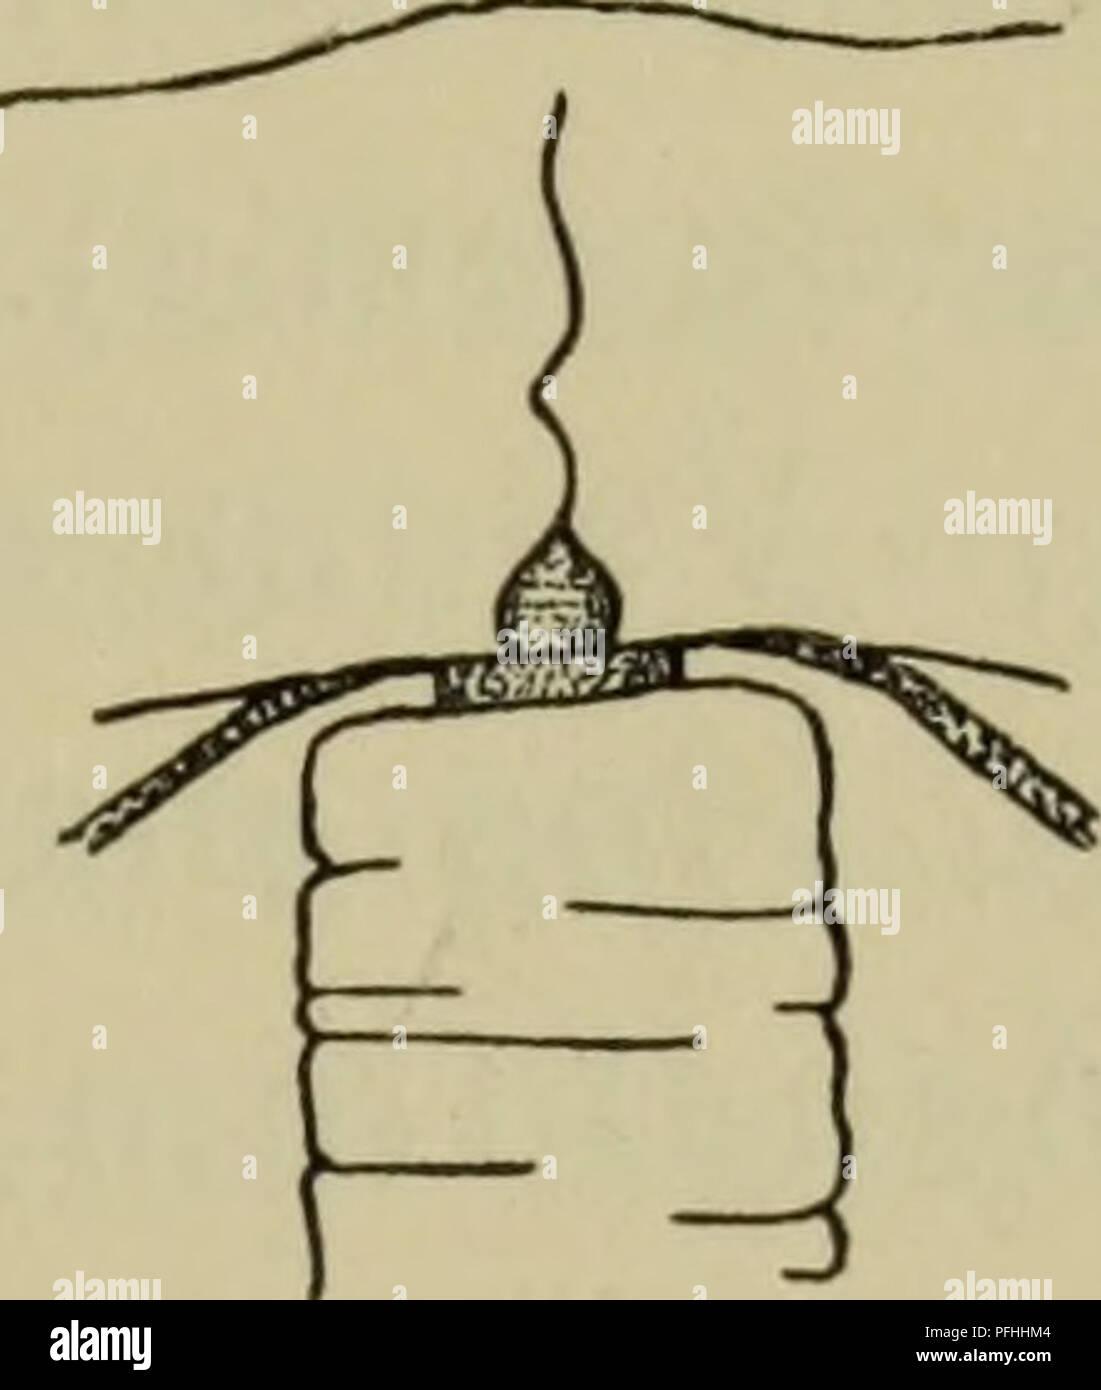 . Danmarks fauna; illustrerede haandbøger más Den Danske dyreverden... . 19 isaer Margeliderne cyster (HOS). Maven er hyppigst flaskeformet, af meget forskellig Størrelse; yo antros Sidevaegge Gonaderne ligger (som hos enkelte para- mer kan straekke sig et kort Stykke langs Radiaerkanalerne ud). Kan Gonaderne danne en anillo sluttet omkring manubrio eller ved lodrette Stri- ber vaere delt i 4 interradiale eller 8 adradiale Dele (sjaeldnere er der 5 eller antal Gonader et andet). Er ikke faestet Undertiden Maven Subumbrella direkte til til, los hombres en fra dennes Midte udgaaende gelatinøs Udvaext, der kaldes Ma Foto de stock